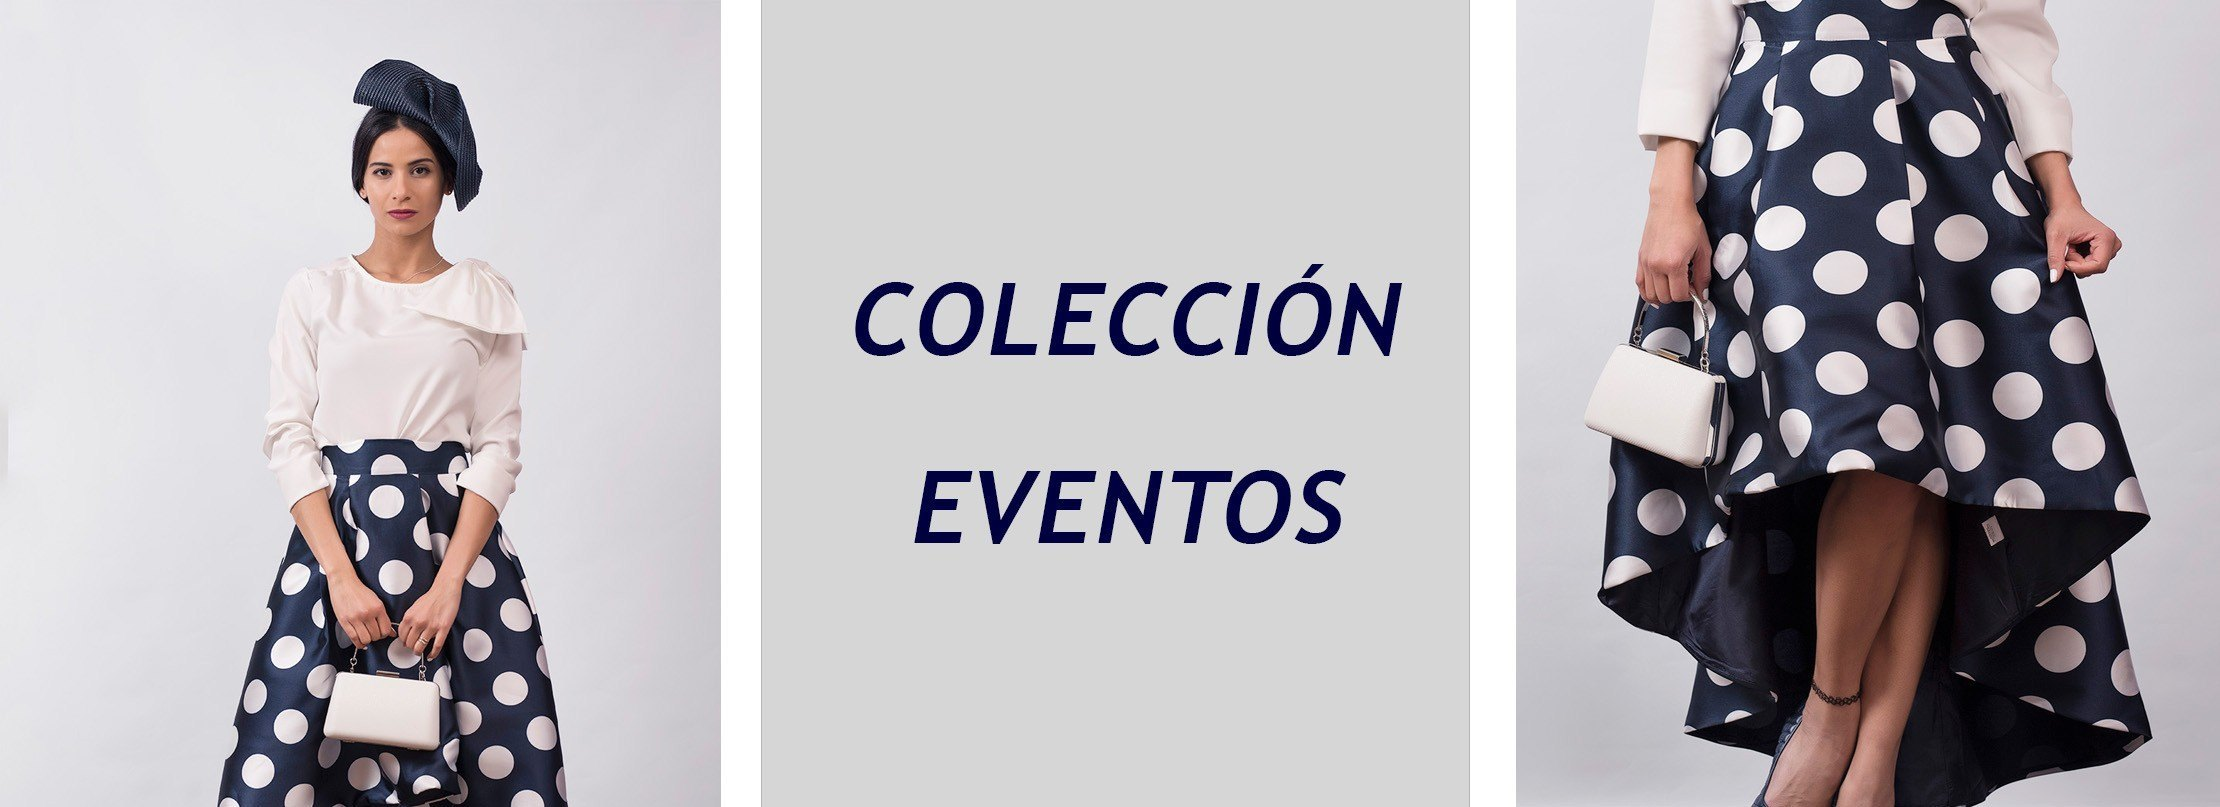 Coleccion eventos